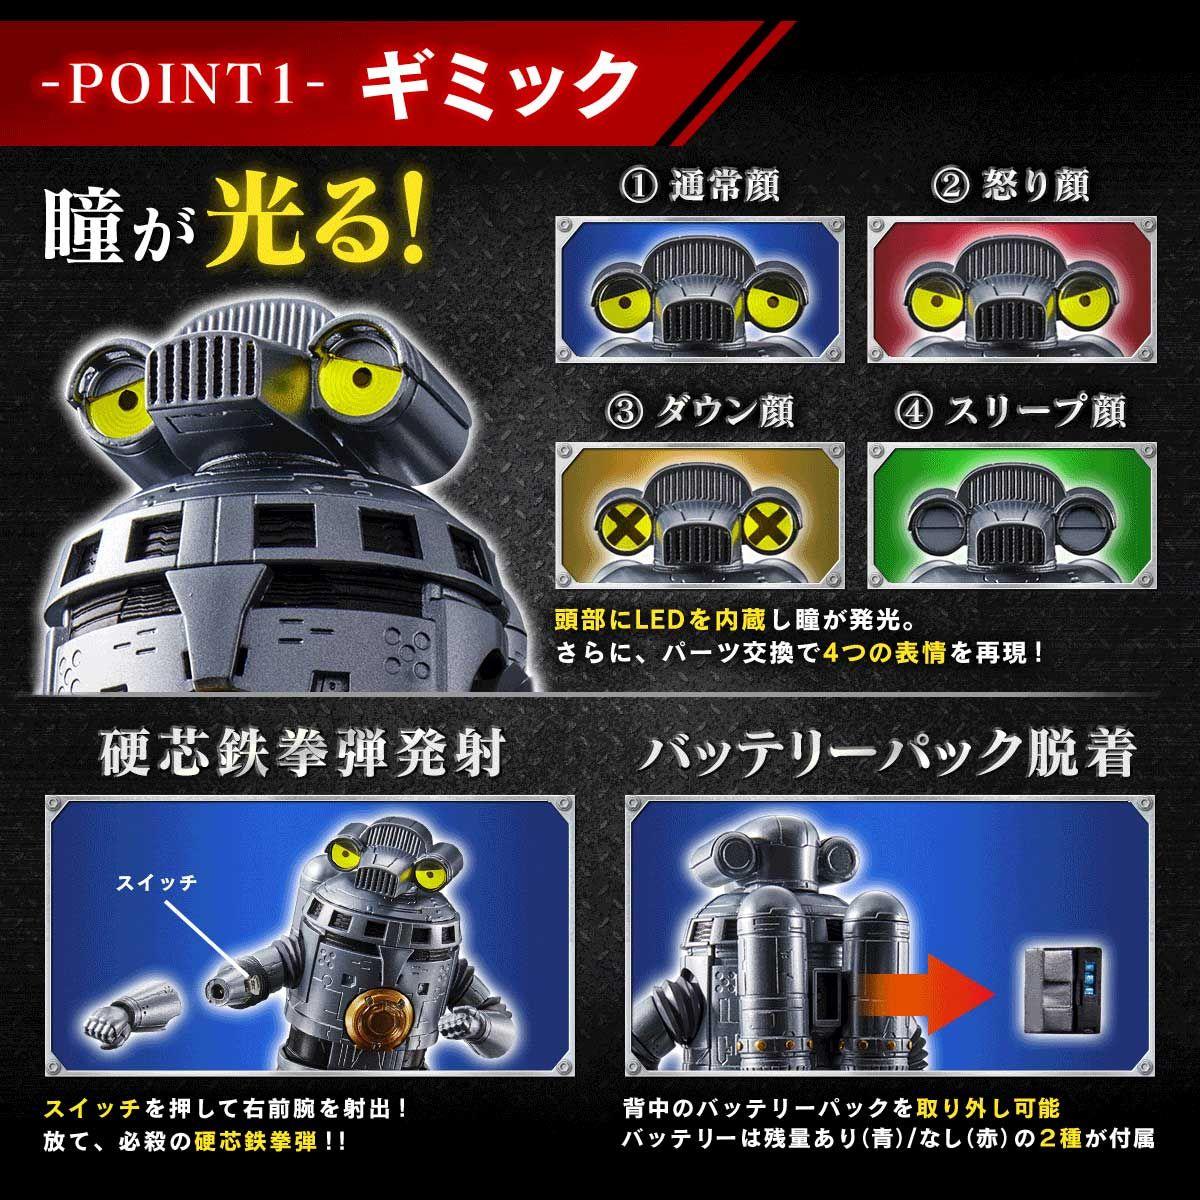 【限定販売】ウルトラマンZ『光る!鳴る! 特空機1号 セブンガー』可動フィギュア-002